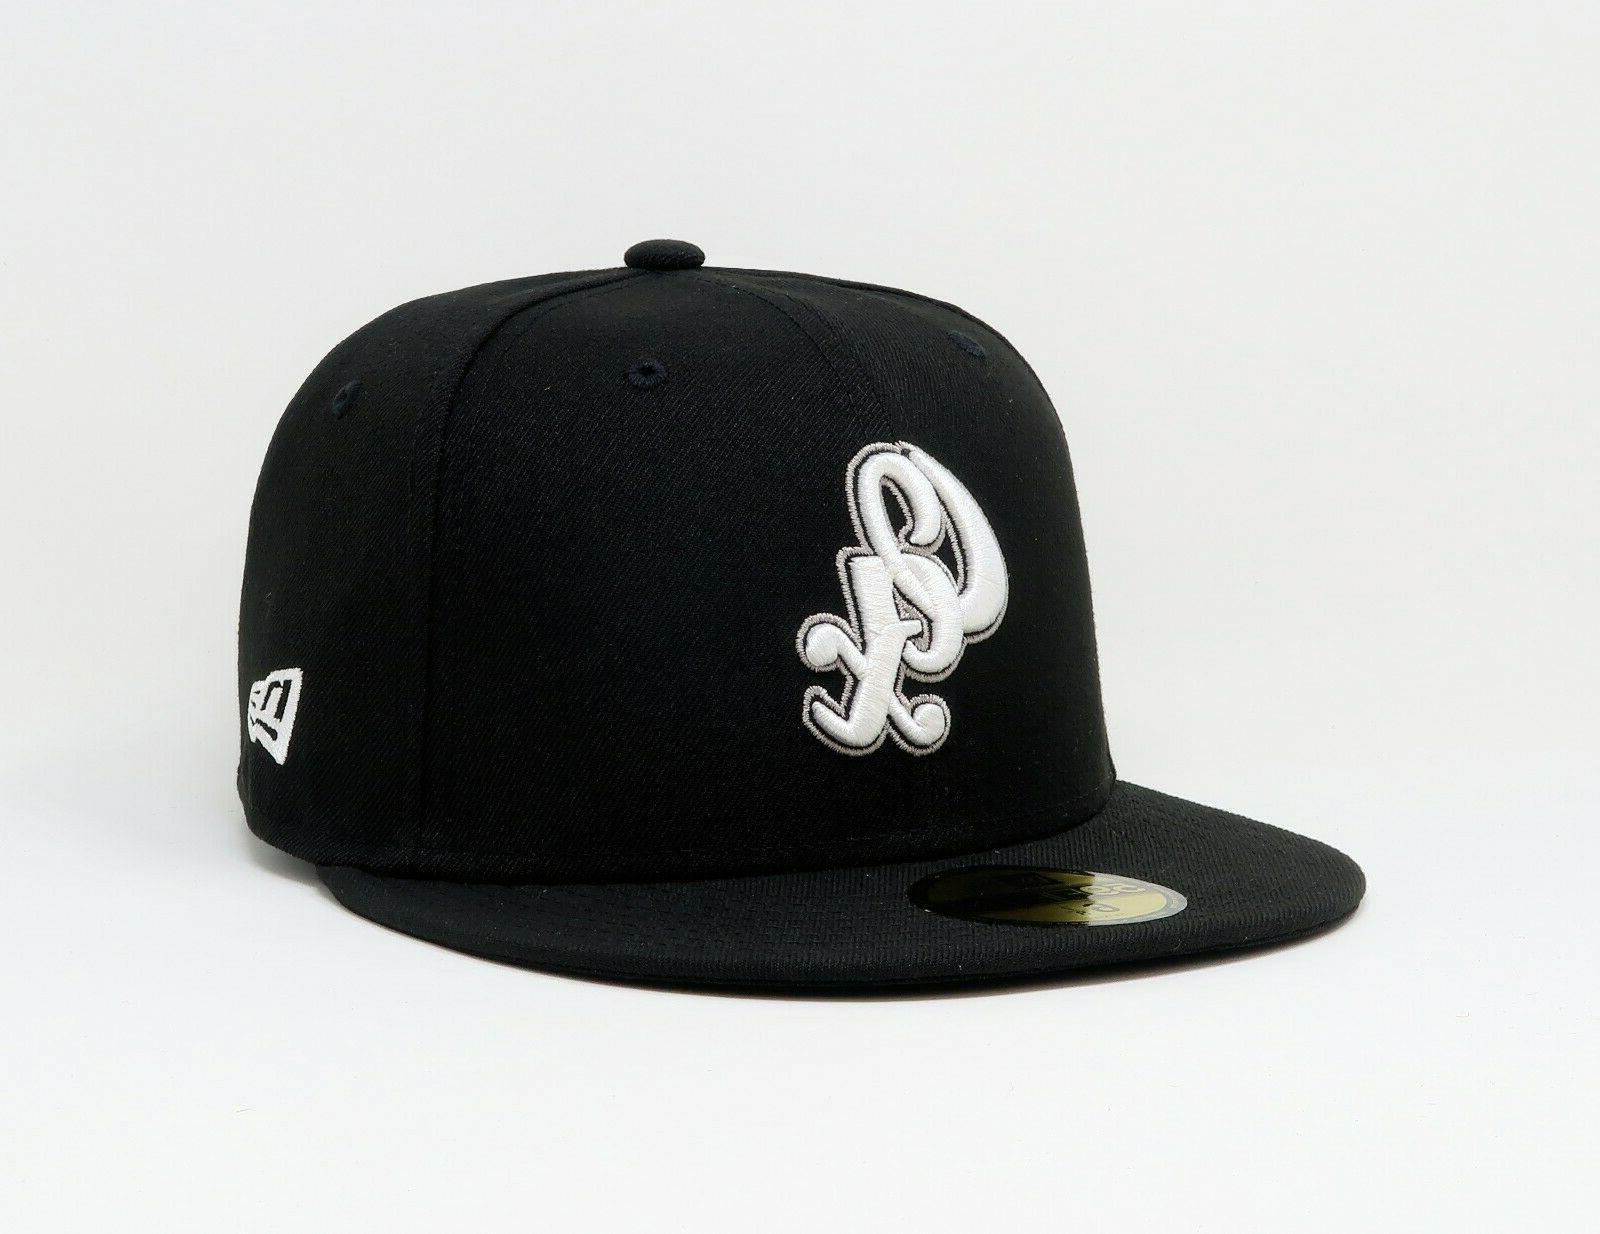 59fifty guerreros de oaxaca baseball lmb hat